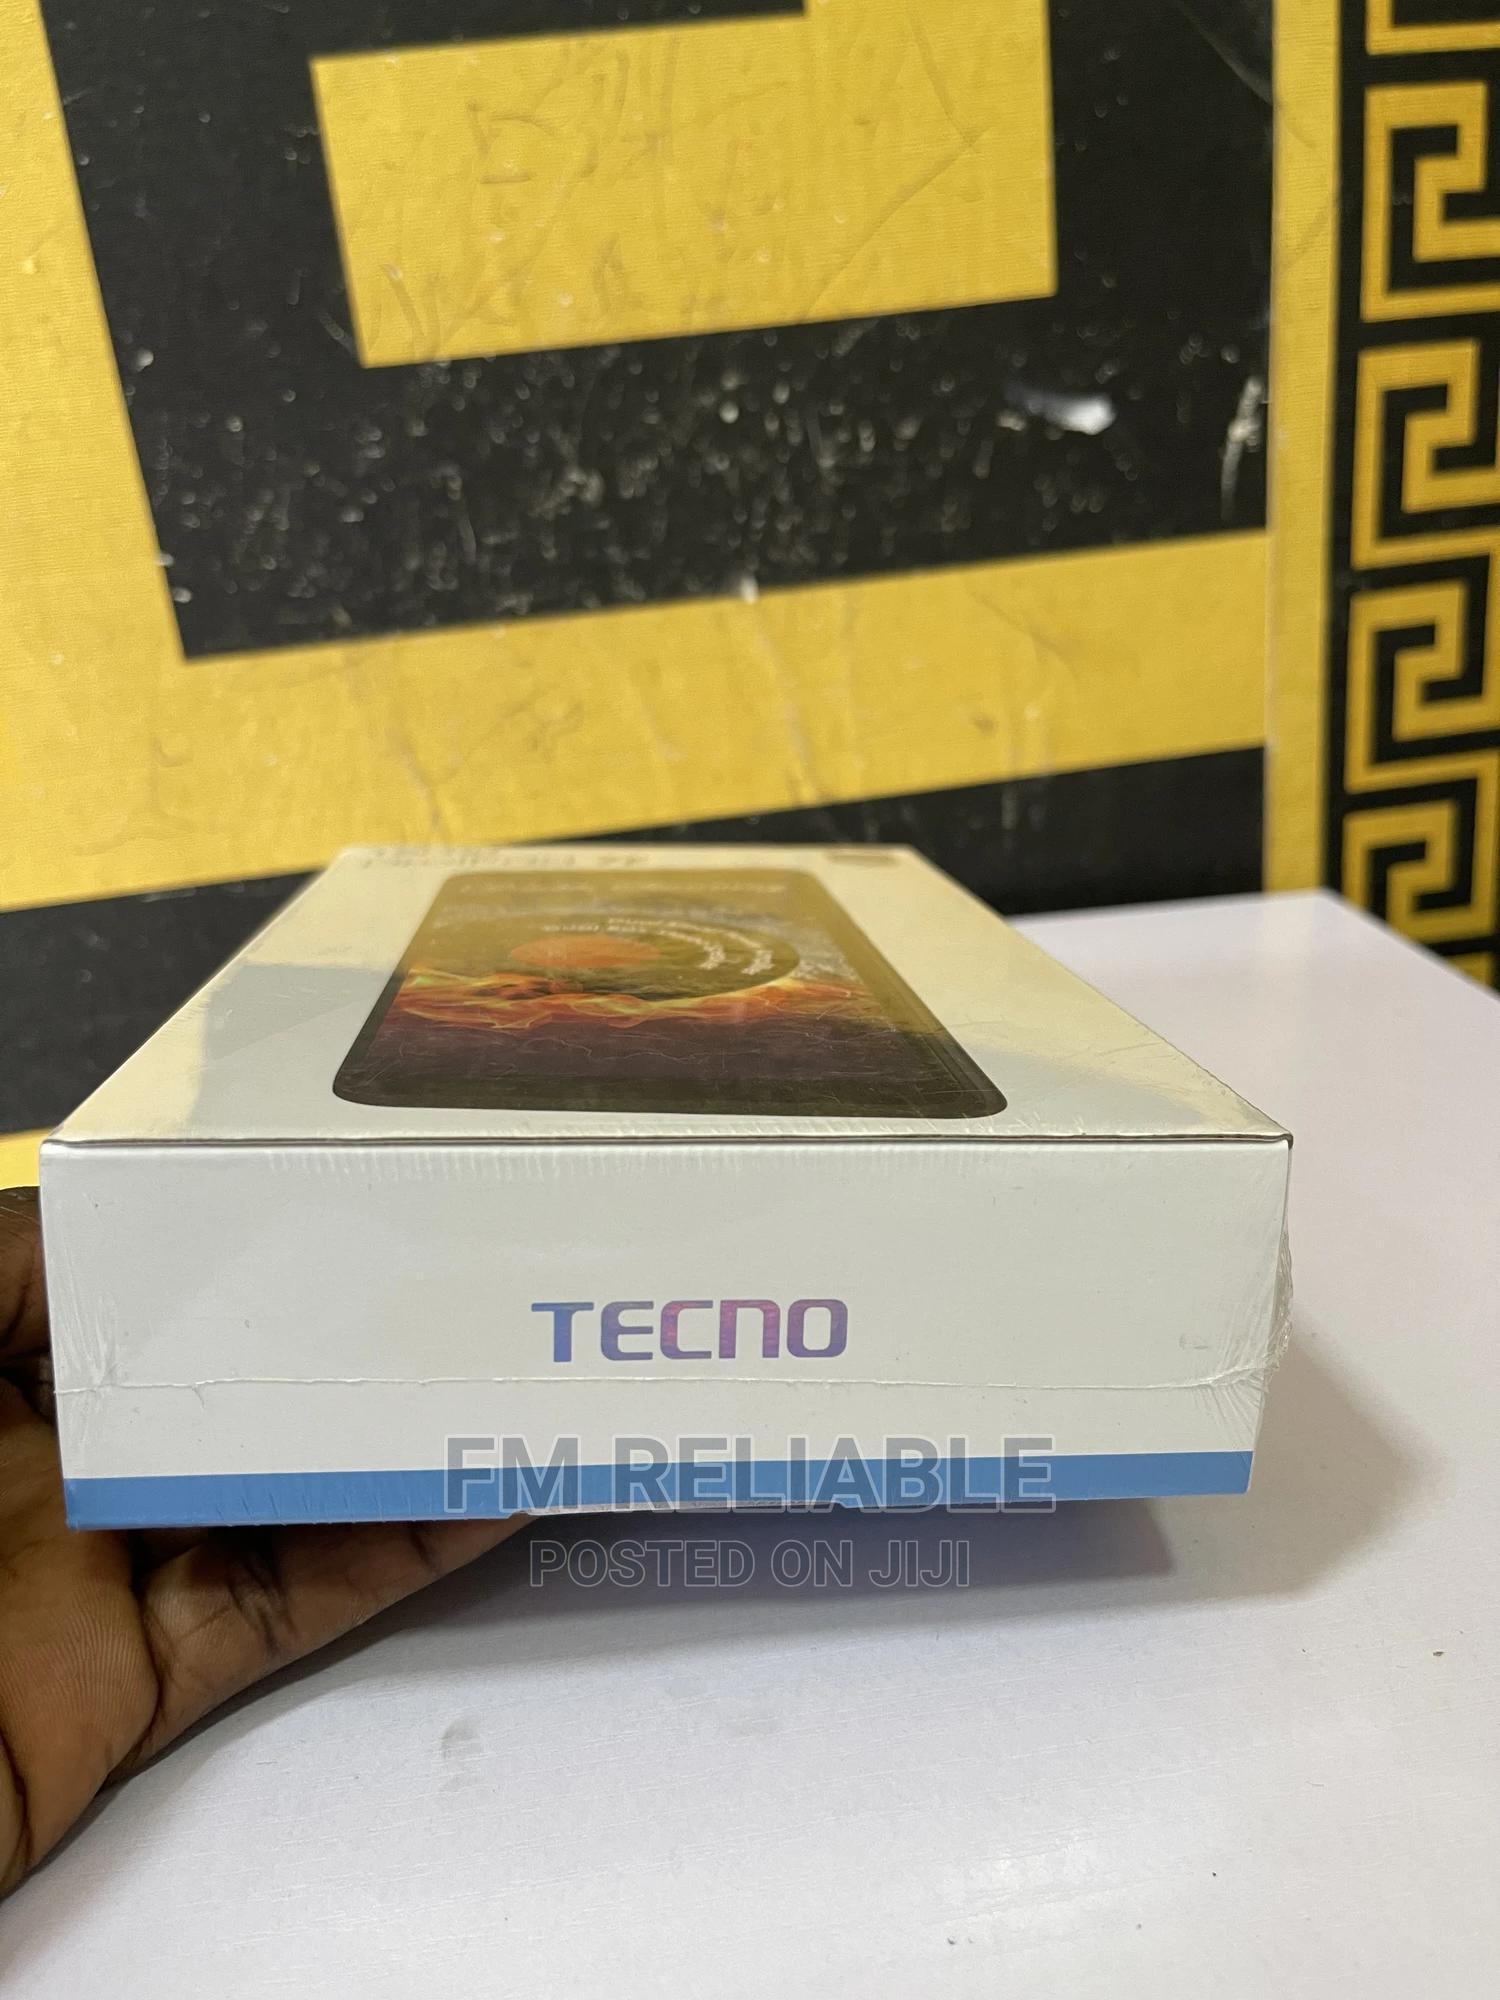 New Tecno DroiPad 7F 16 GB Black | Tablets for sale in Ikeja, Lagos State, Nigeria